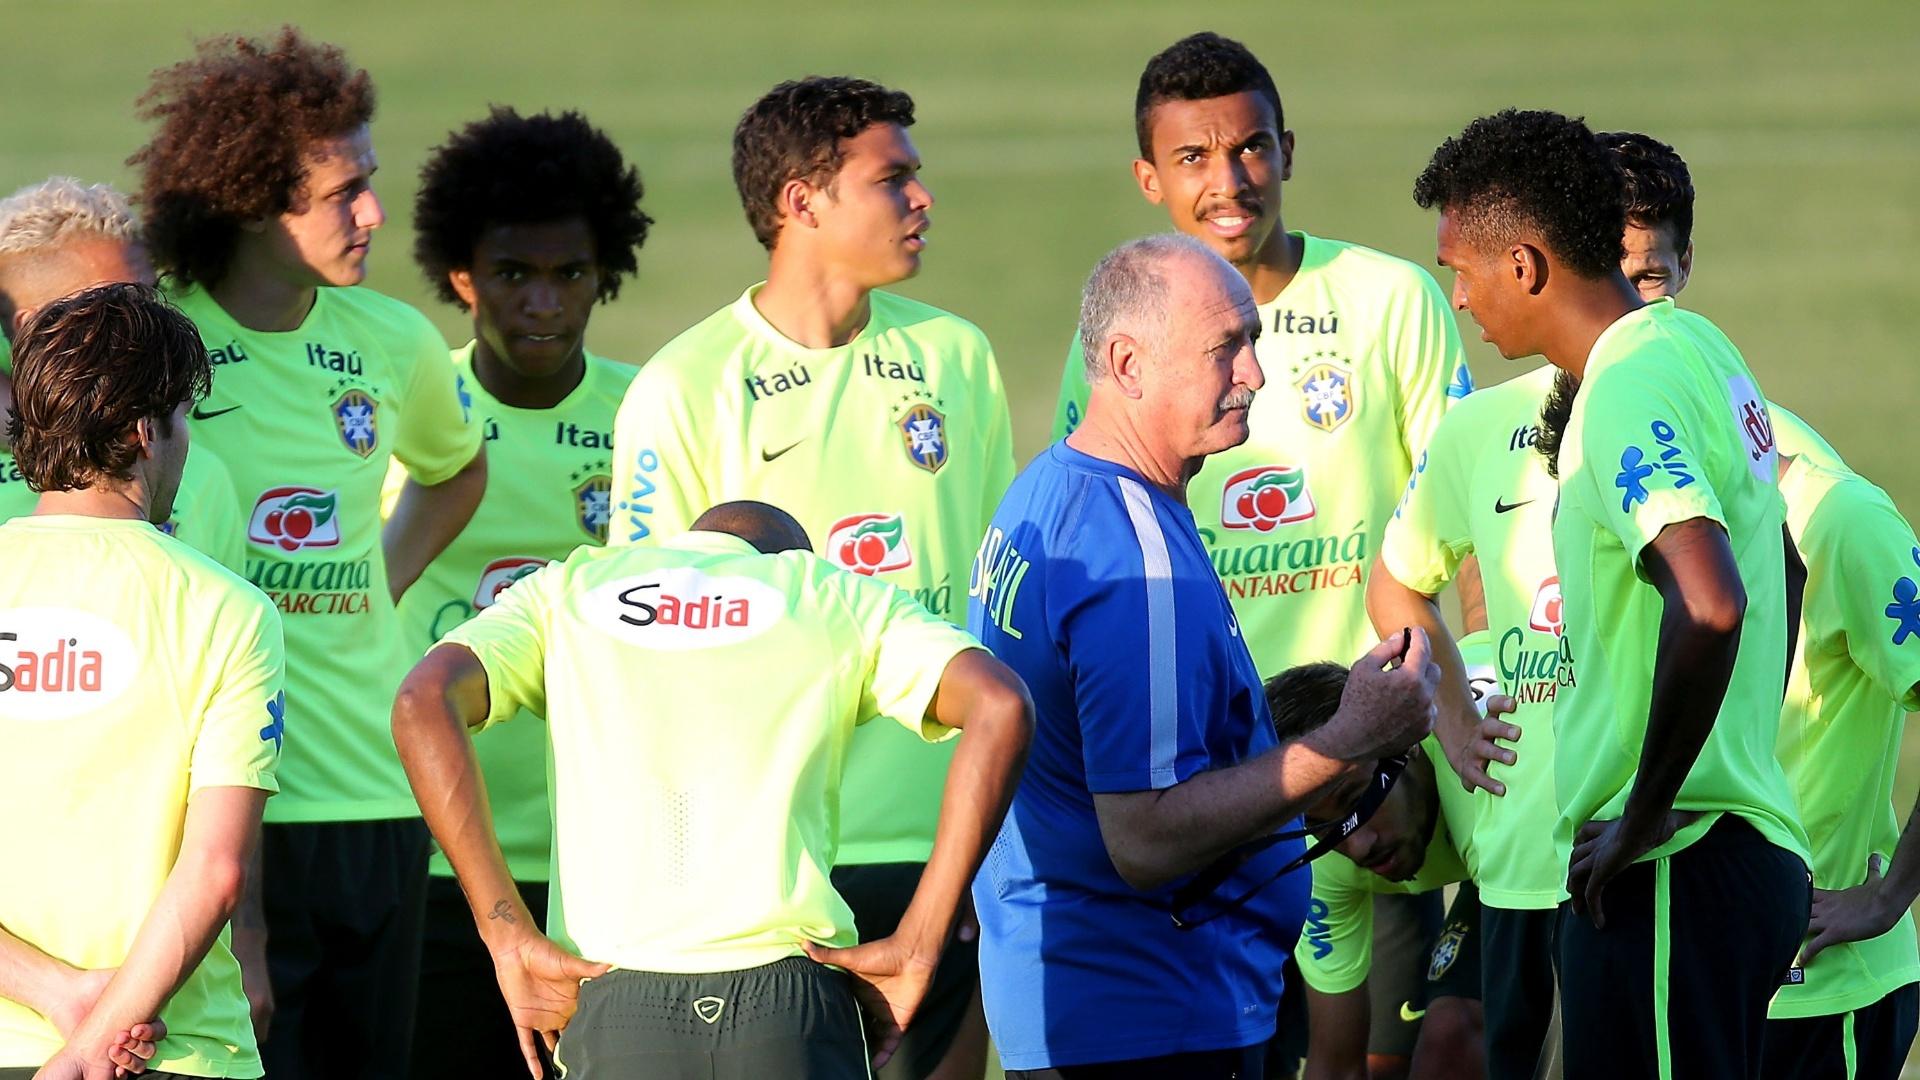 Luiz Felipe Scolari orienta os jogadores da seleção brasileira durante o treino no estádio Presidente Vargas, em Fortaleza